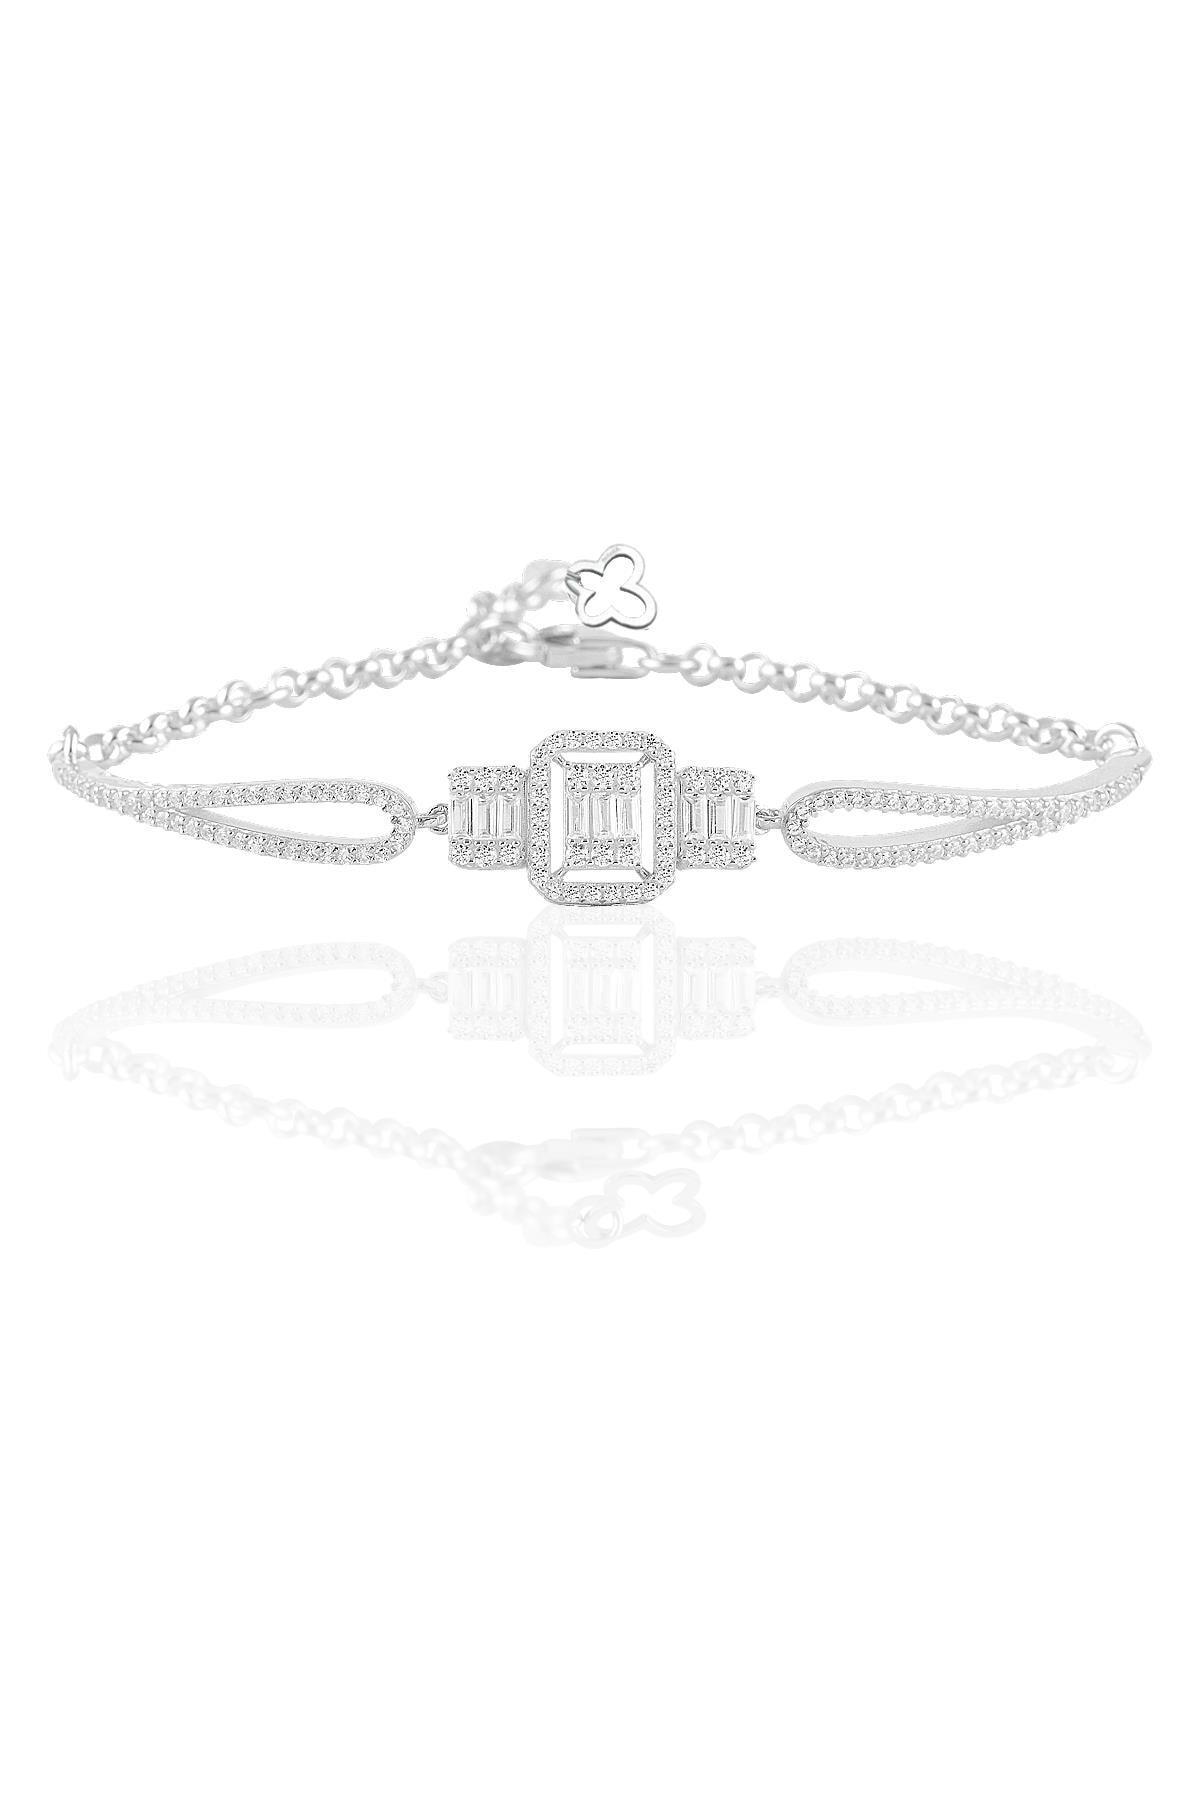 Söğütlü Silver Gümüş rodyumlu baget taşlı  kolye küpe ve bilezik  gümüş set 1